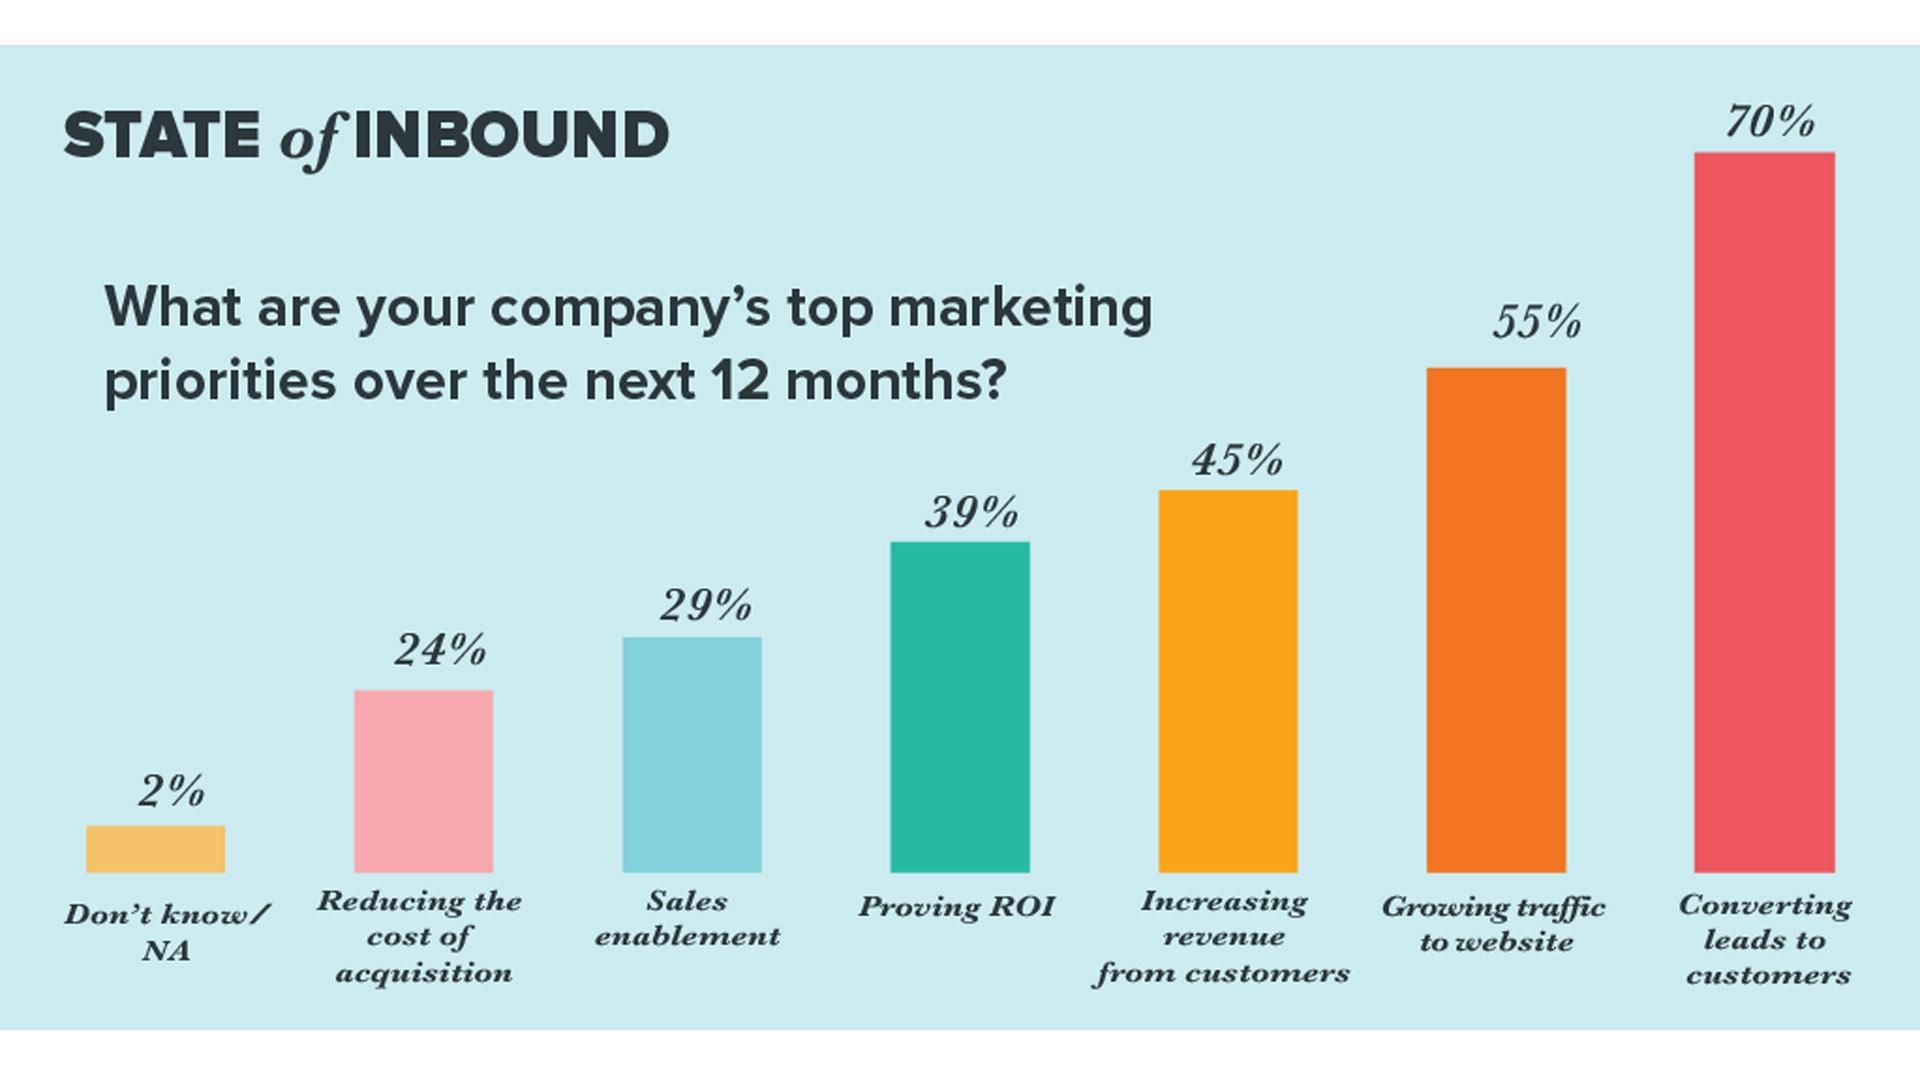 Priorità nel Marketing nel prossimo anno